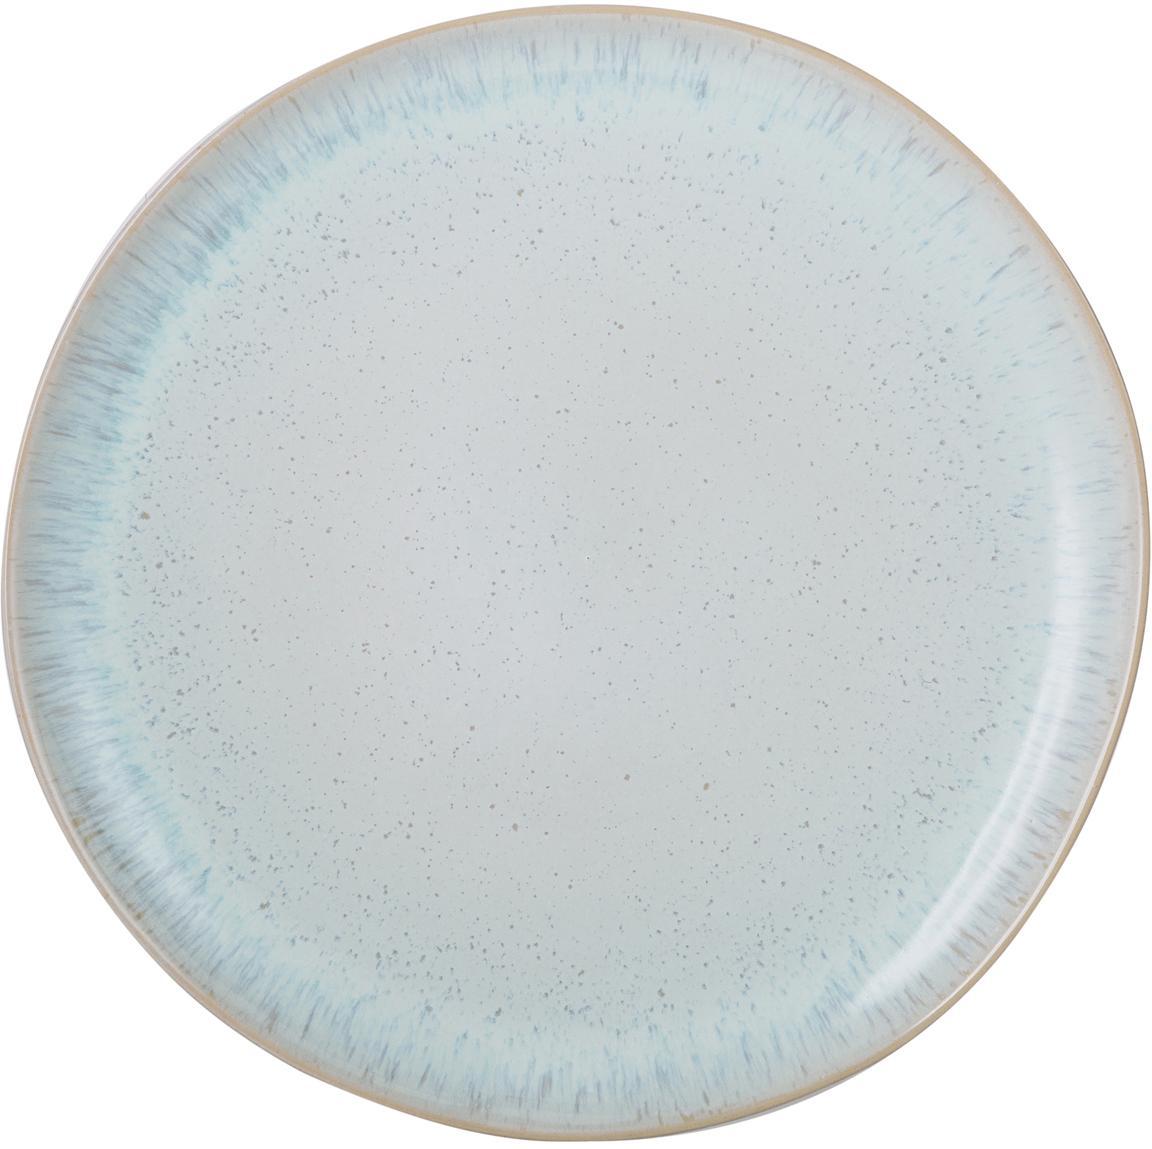 Handbemalter Speiseteller Areia mit reaktiver Glasur, Steingut, Hellblau, Gebrochenes Weiss, Hellbeige, Ø 28 cm